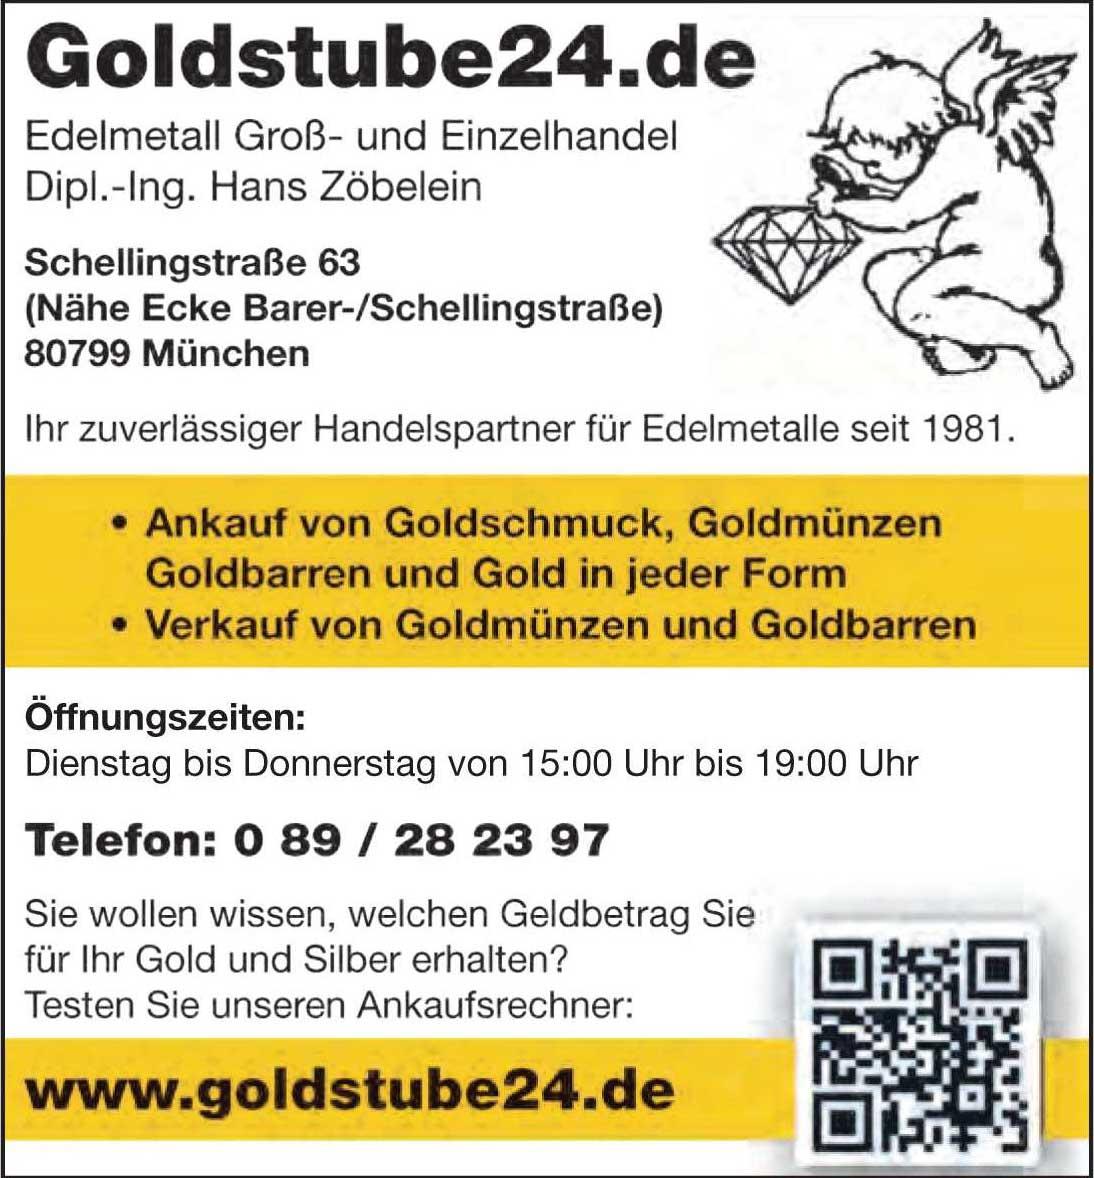 Goldstube24.de